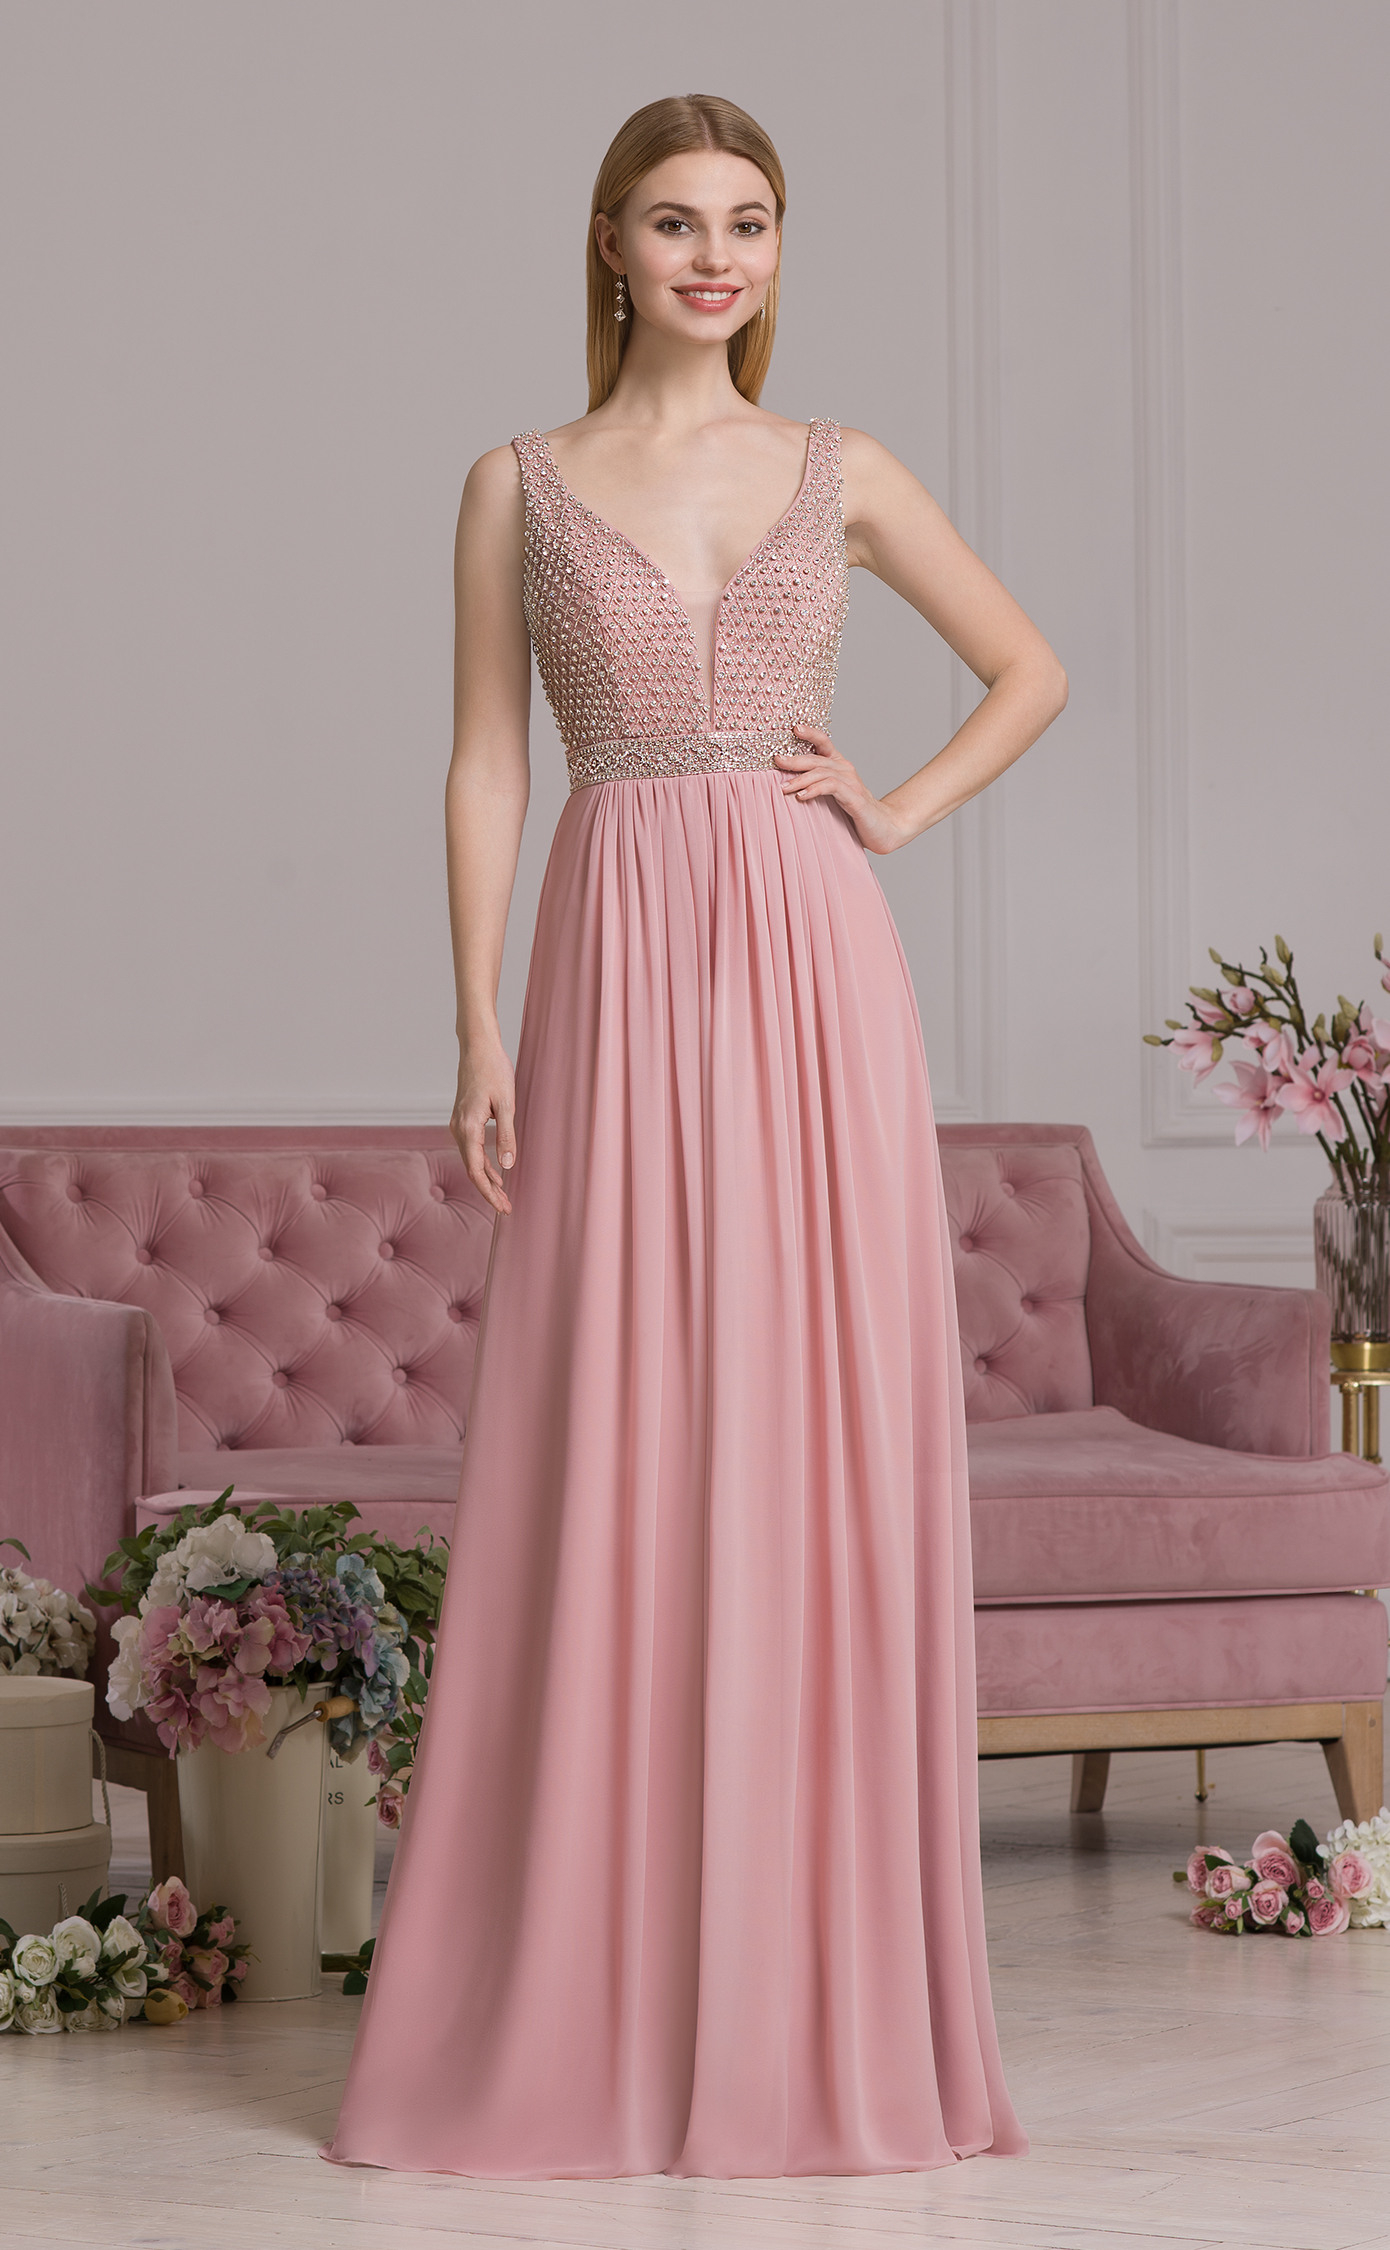 15 Elegant Abendkleider Altrosa für 201915 Top Abendkleider Altrosa Stylish